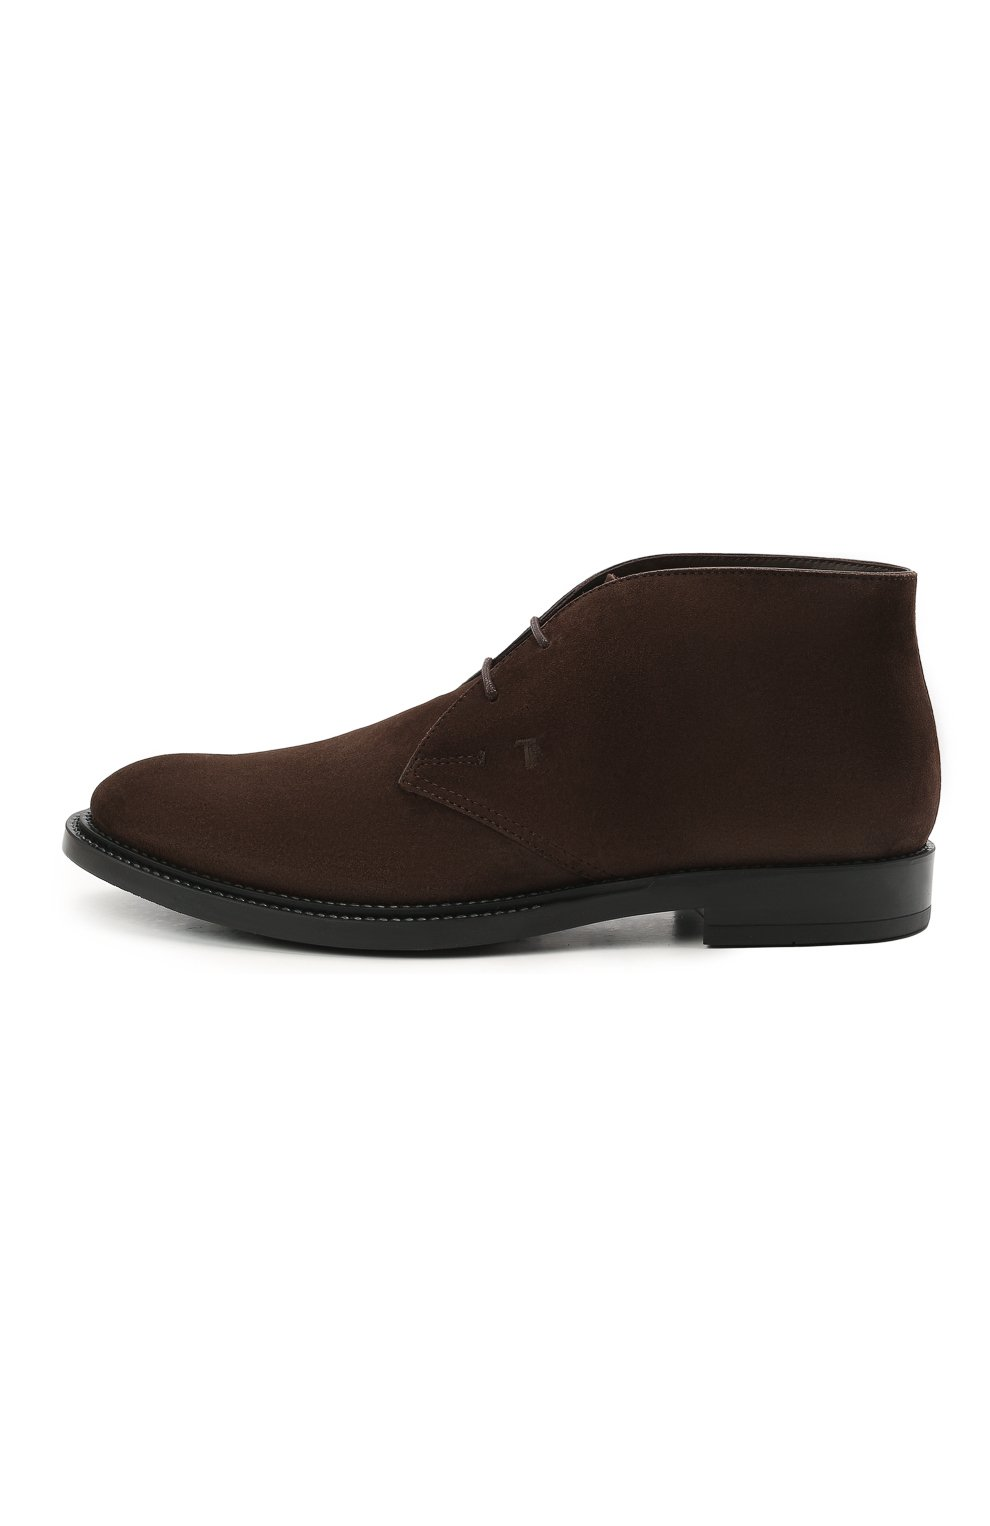 Мужские замшевые ботинки TOD'S темно-коричневого цвета, арт. XXM62C0DH60RE0   Фото 3 (Мужское Кросс-КТ: Ботинки-обувь, Дезерты-обувь; Материал внутренний: Натуральная кожа; Подошва: Плоская; Материал внешний: Замша)